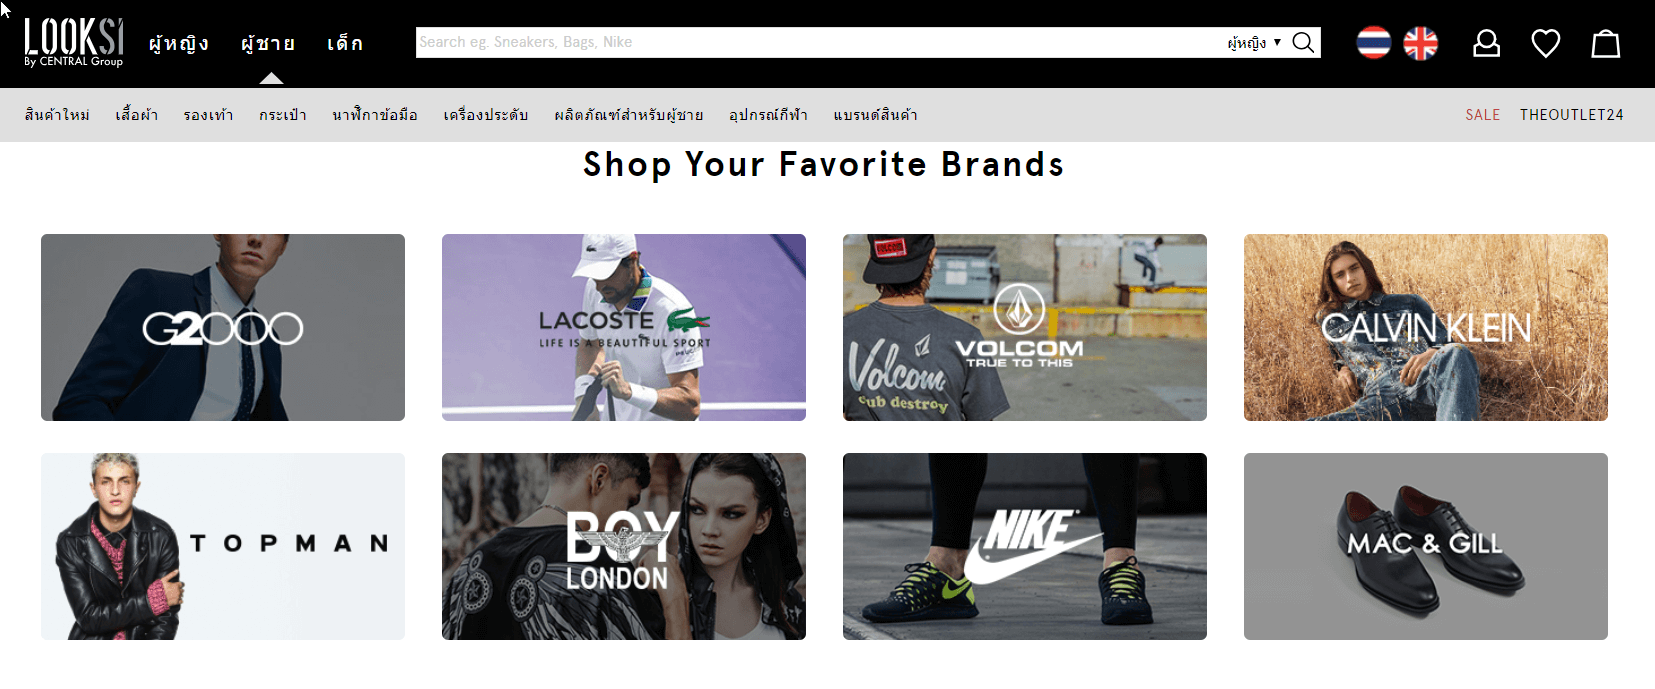 Looksi-fashion-online-shopping-for-men